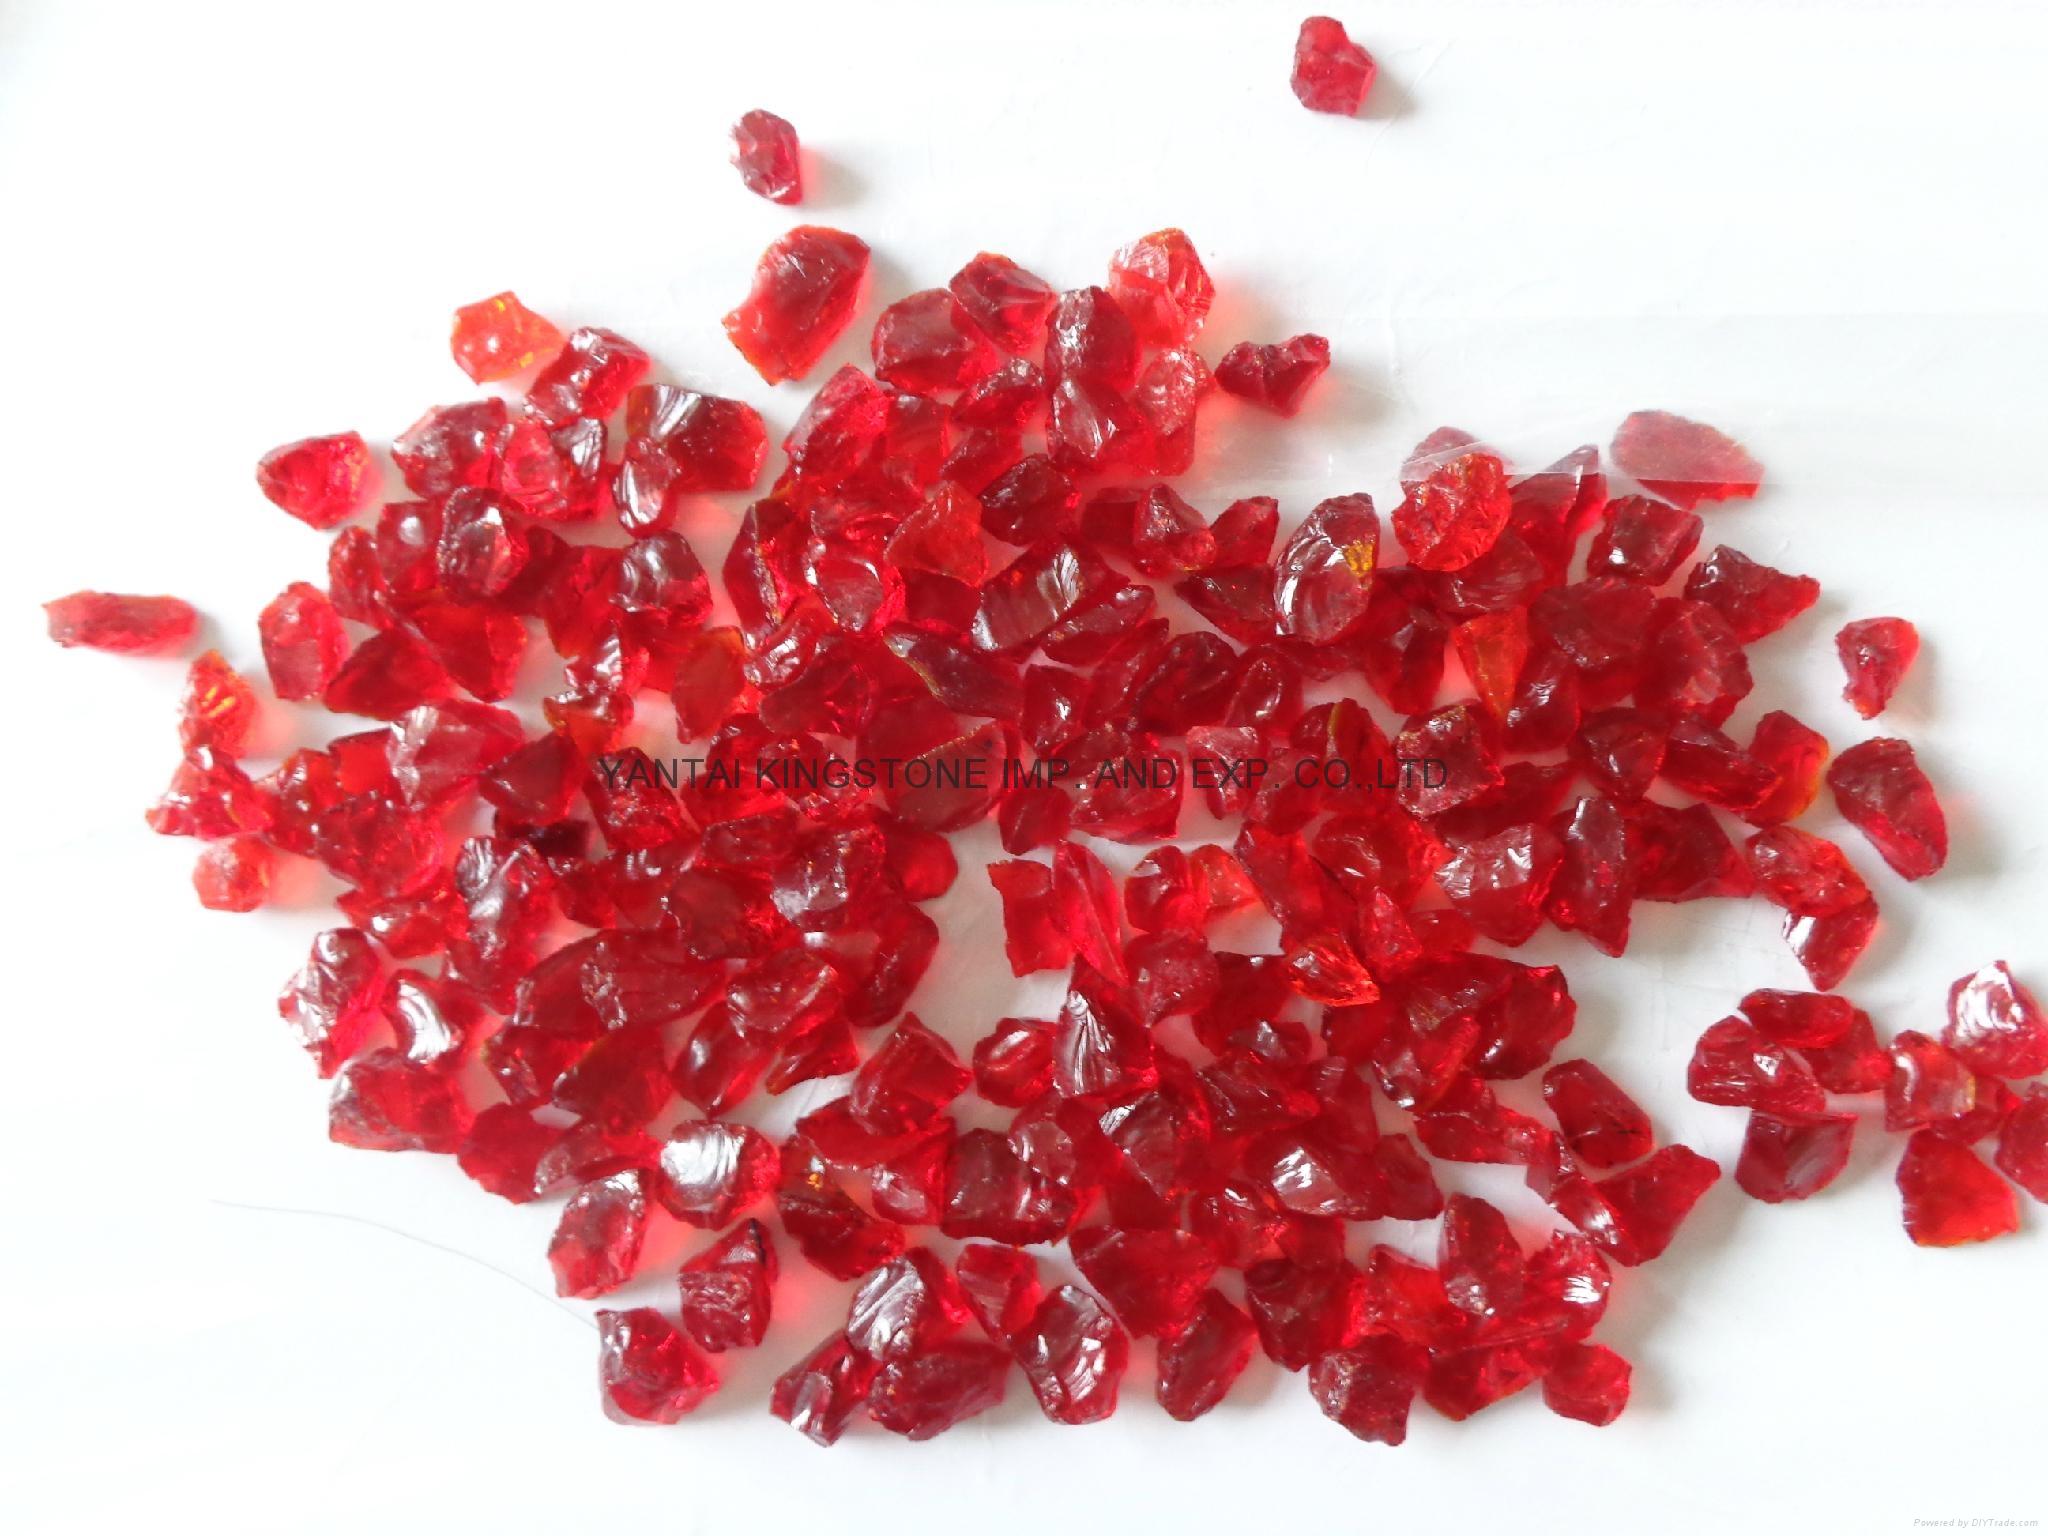 紅色玻璃砂 3